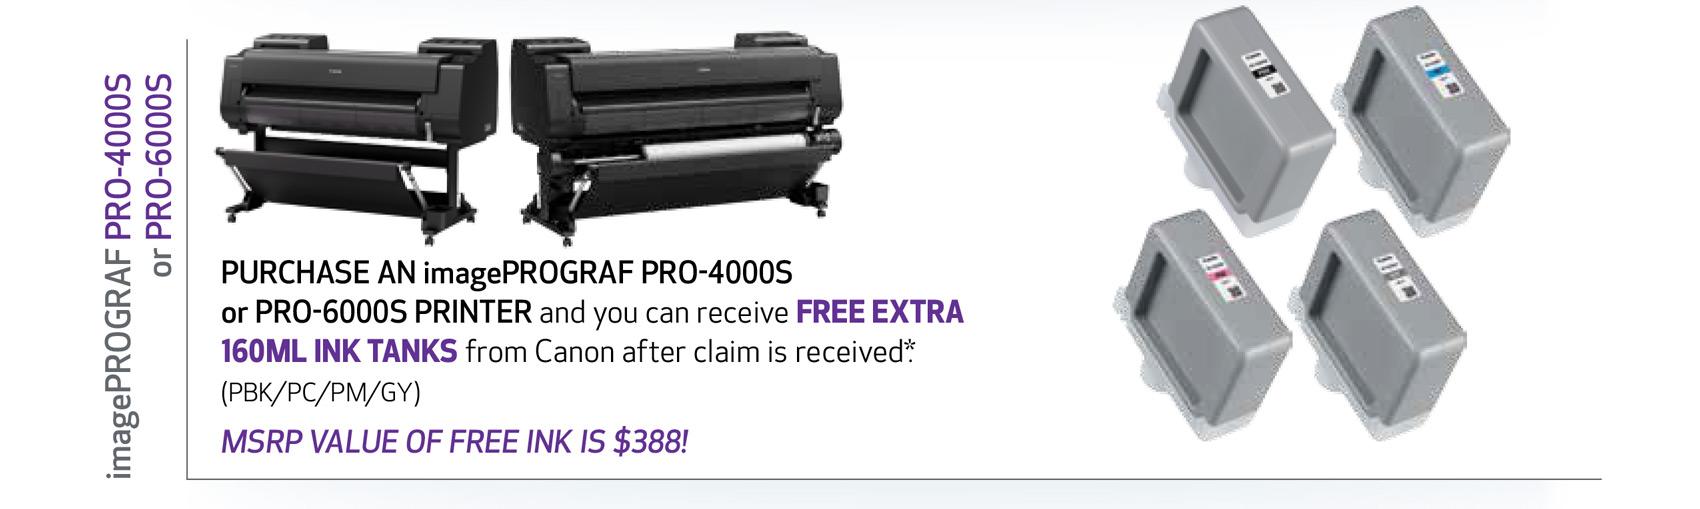 Free Ink Promo Dec 2016